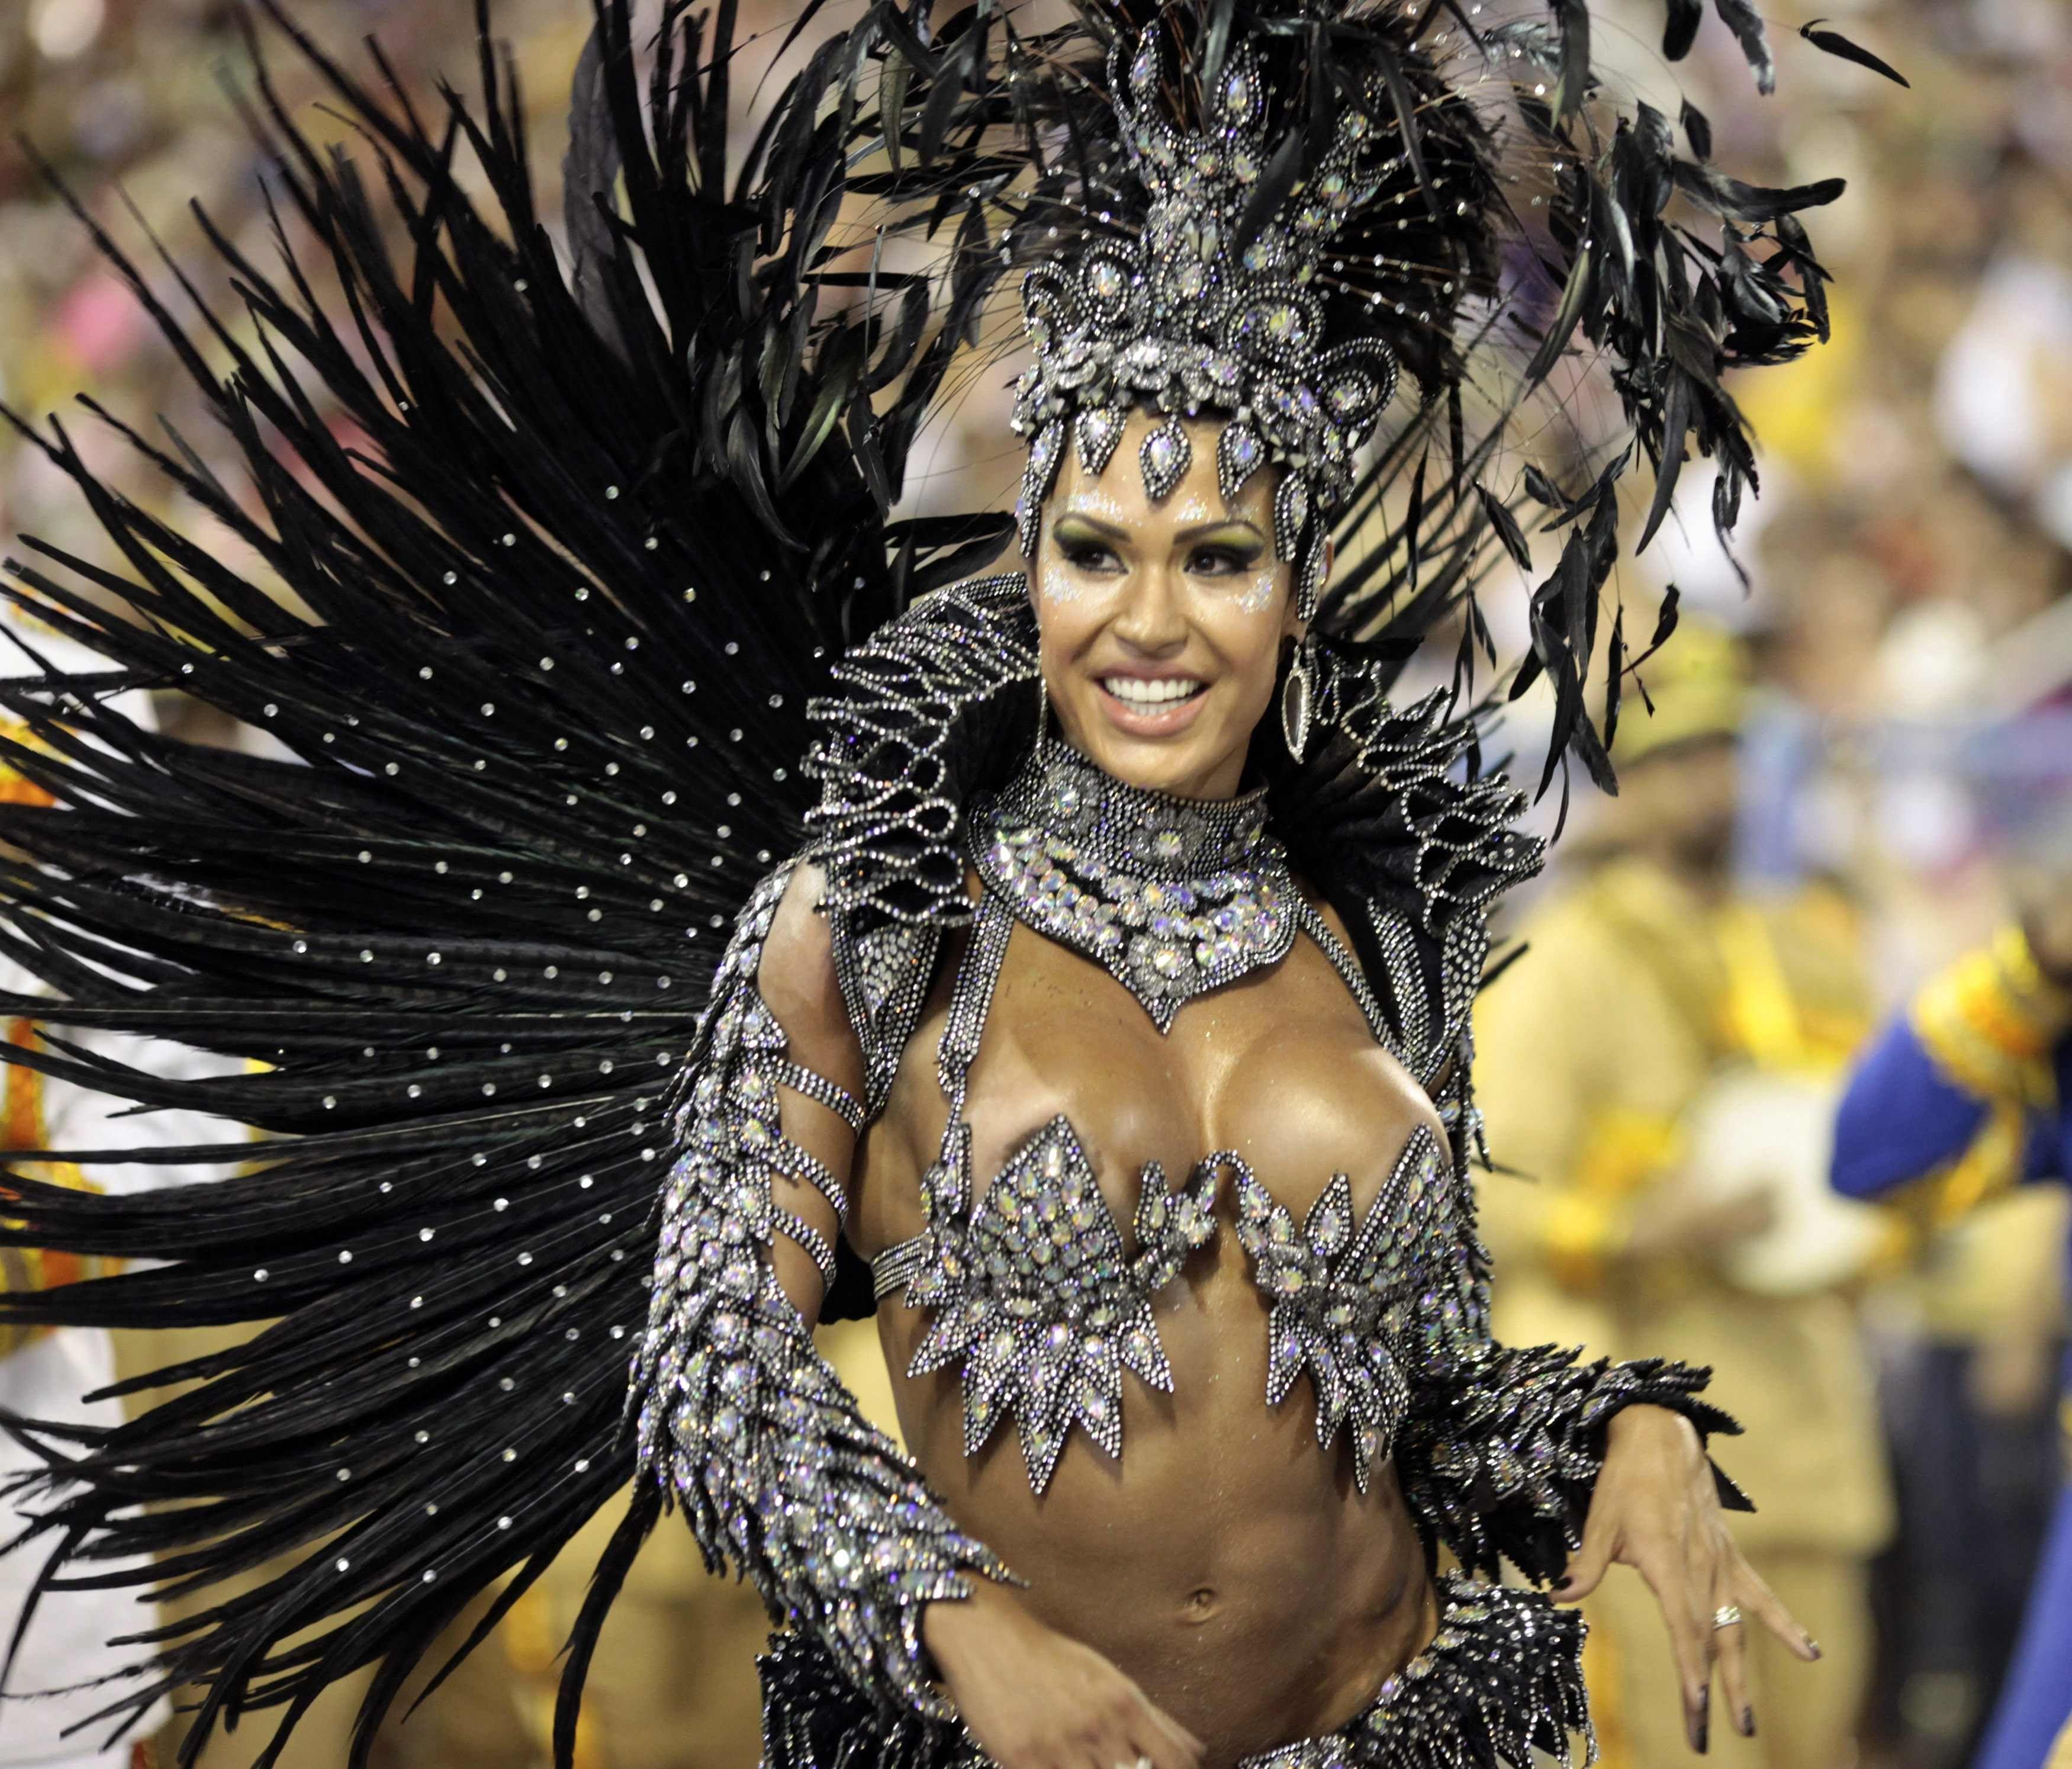 Трусики на бразильском карнавале 10 фотография